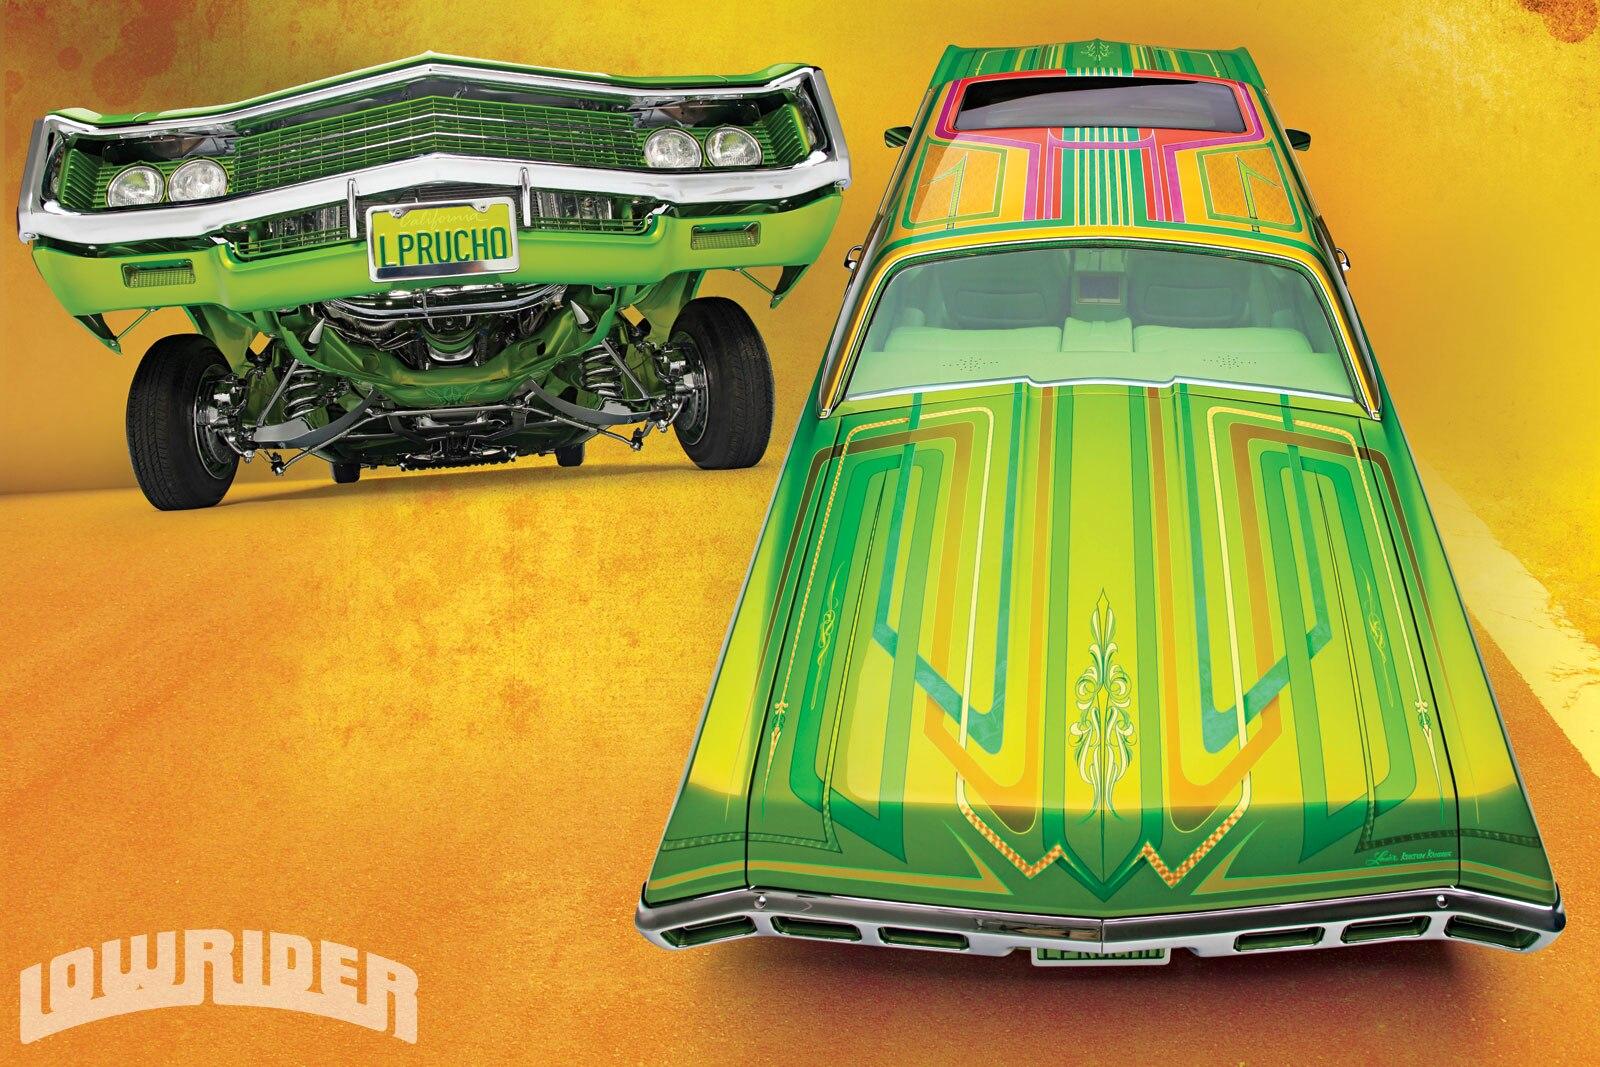 1301-lrmp-02-o-1969-chevrolet-impala-sparkle-EFX-flake1